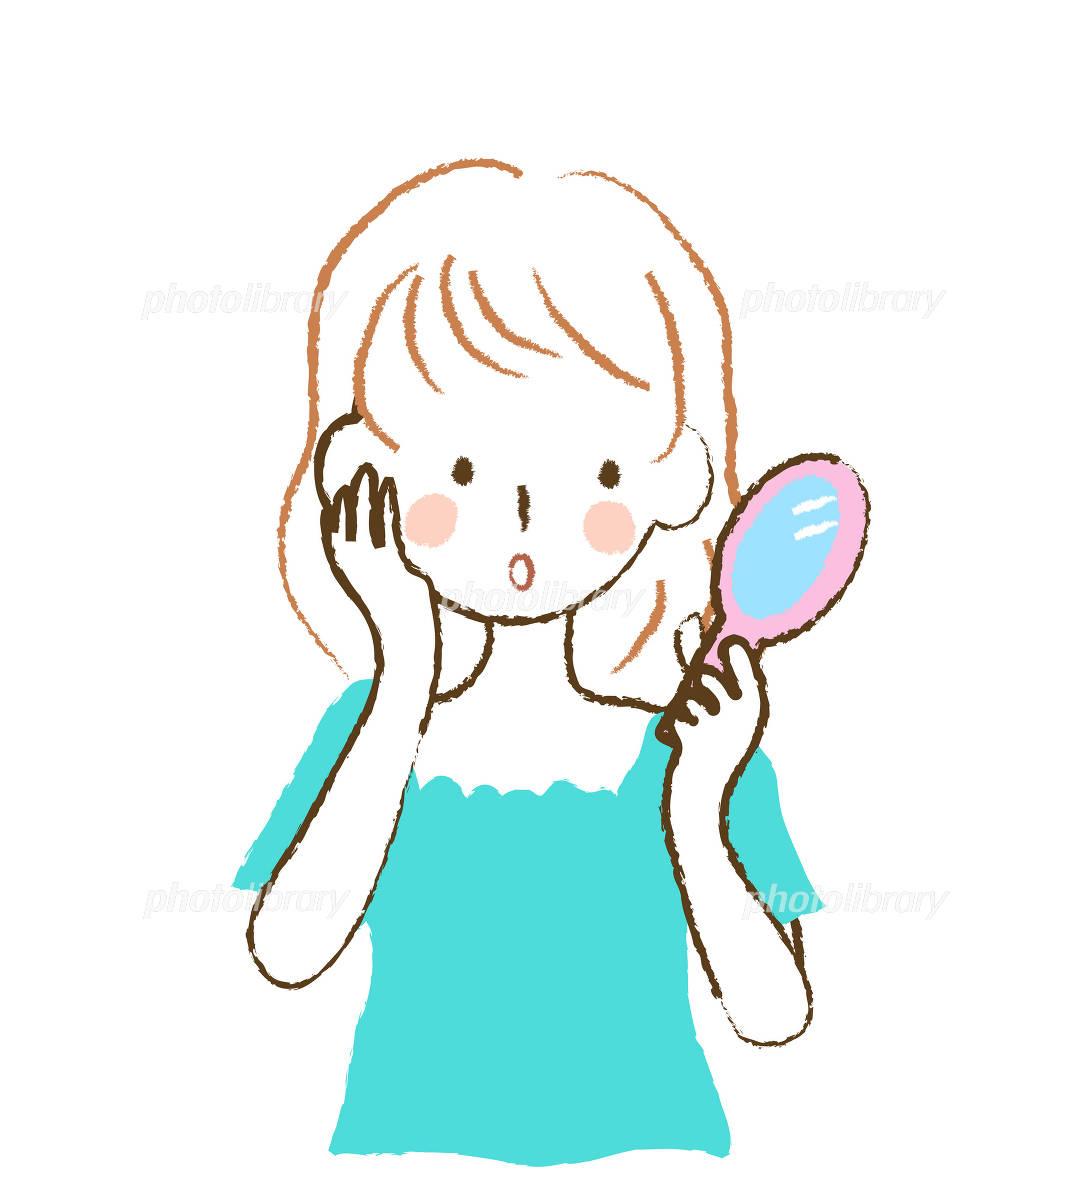 鏡を見る女性 イラスト素材 [ 1022354 ] - フォトライブラリー photolibrary